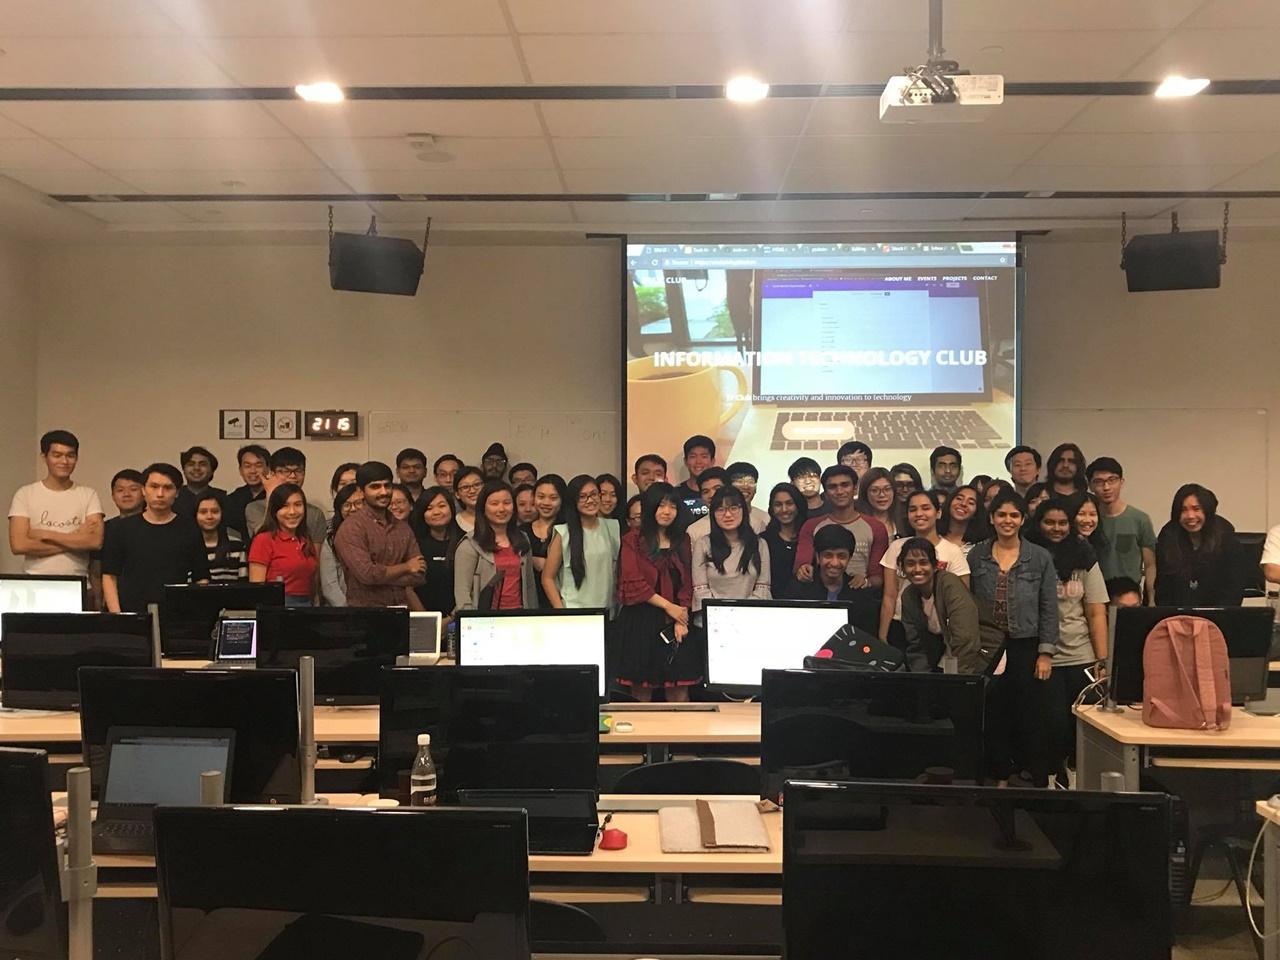 Chương trình khoa học máy tính của ĐH London tại SIM